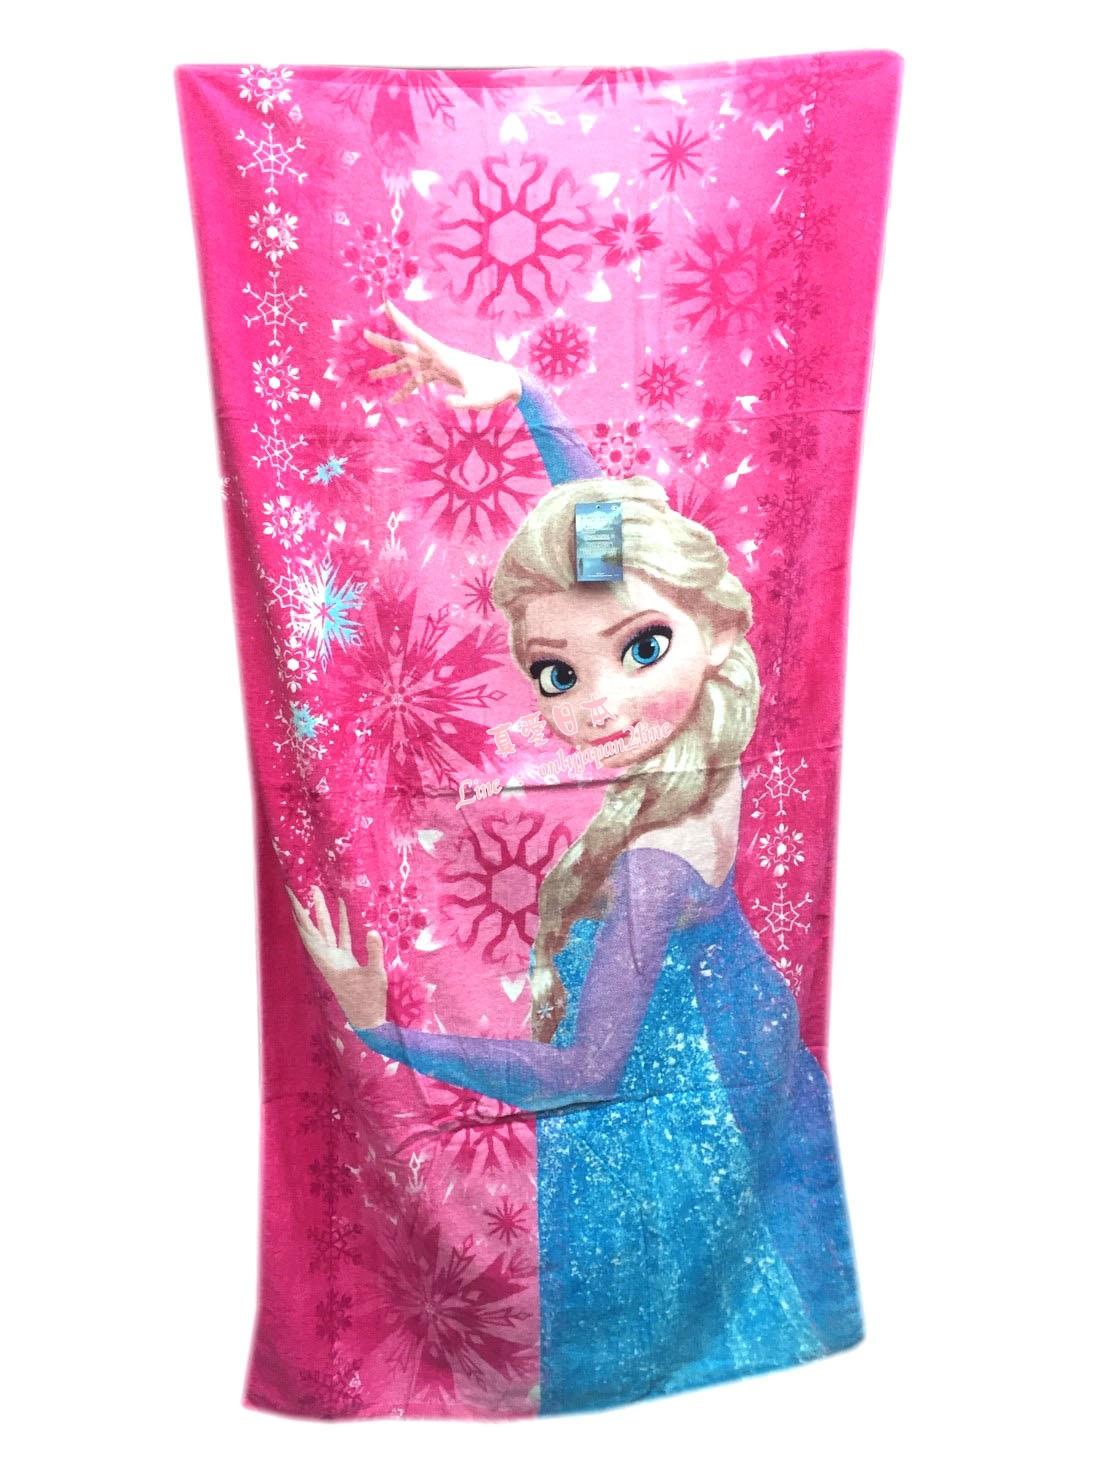 【真愛日本】16080200008特大印花浴巾-冰雪Elsa桃     迪士尼 冰雪奇緣 Frozen   浴巾  衛浴